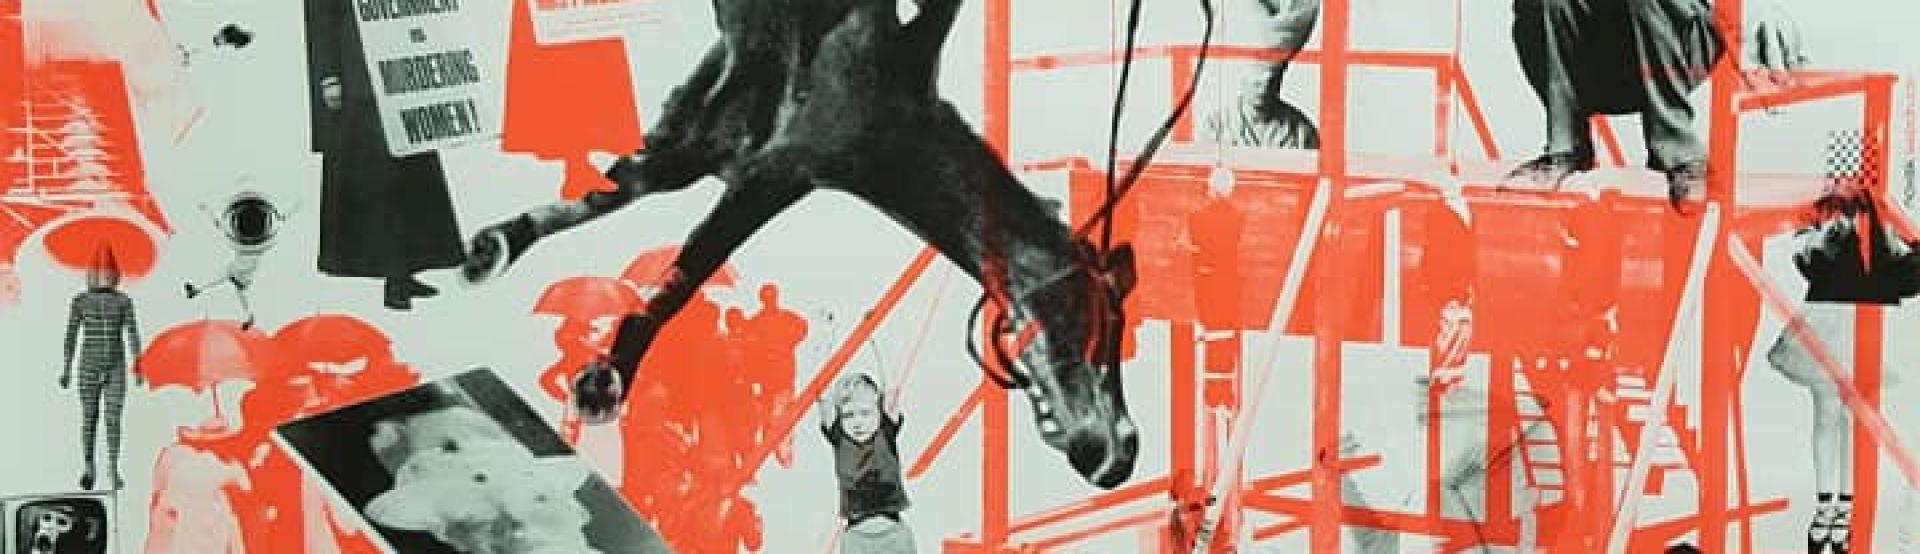 Már épül a Harsány! Orosz plakátművészet a MODEM-ben